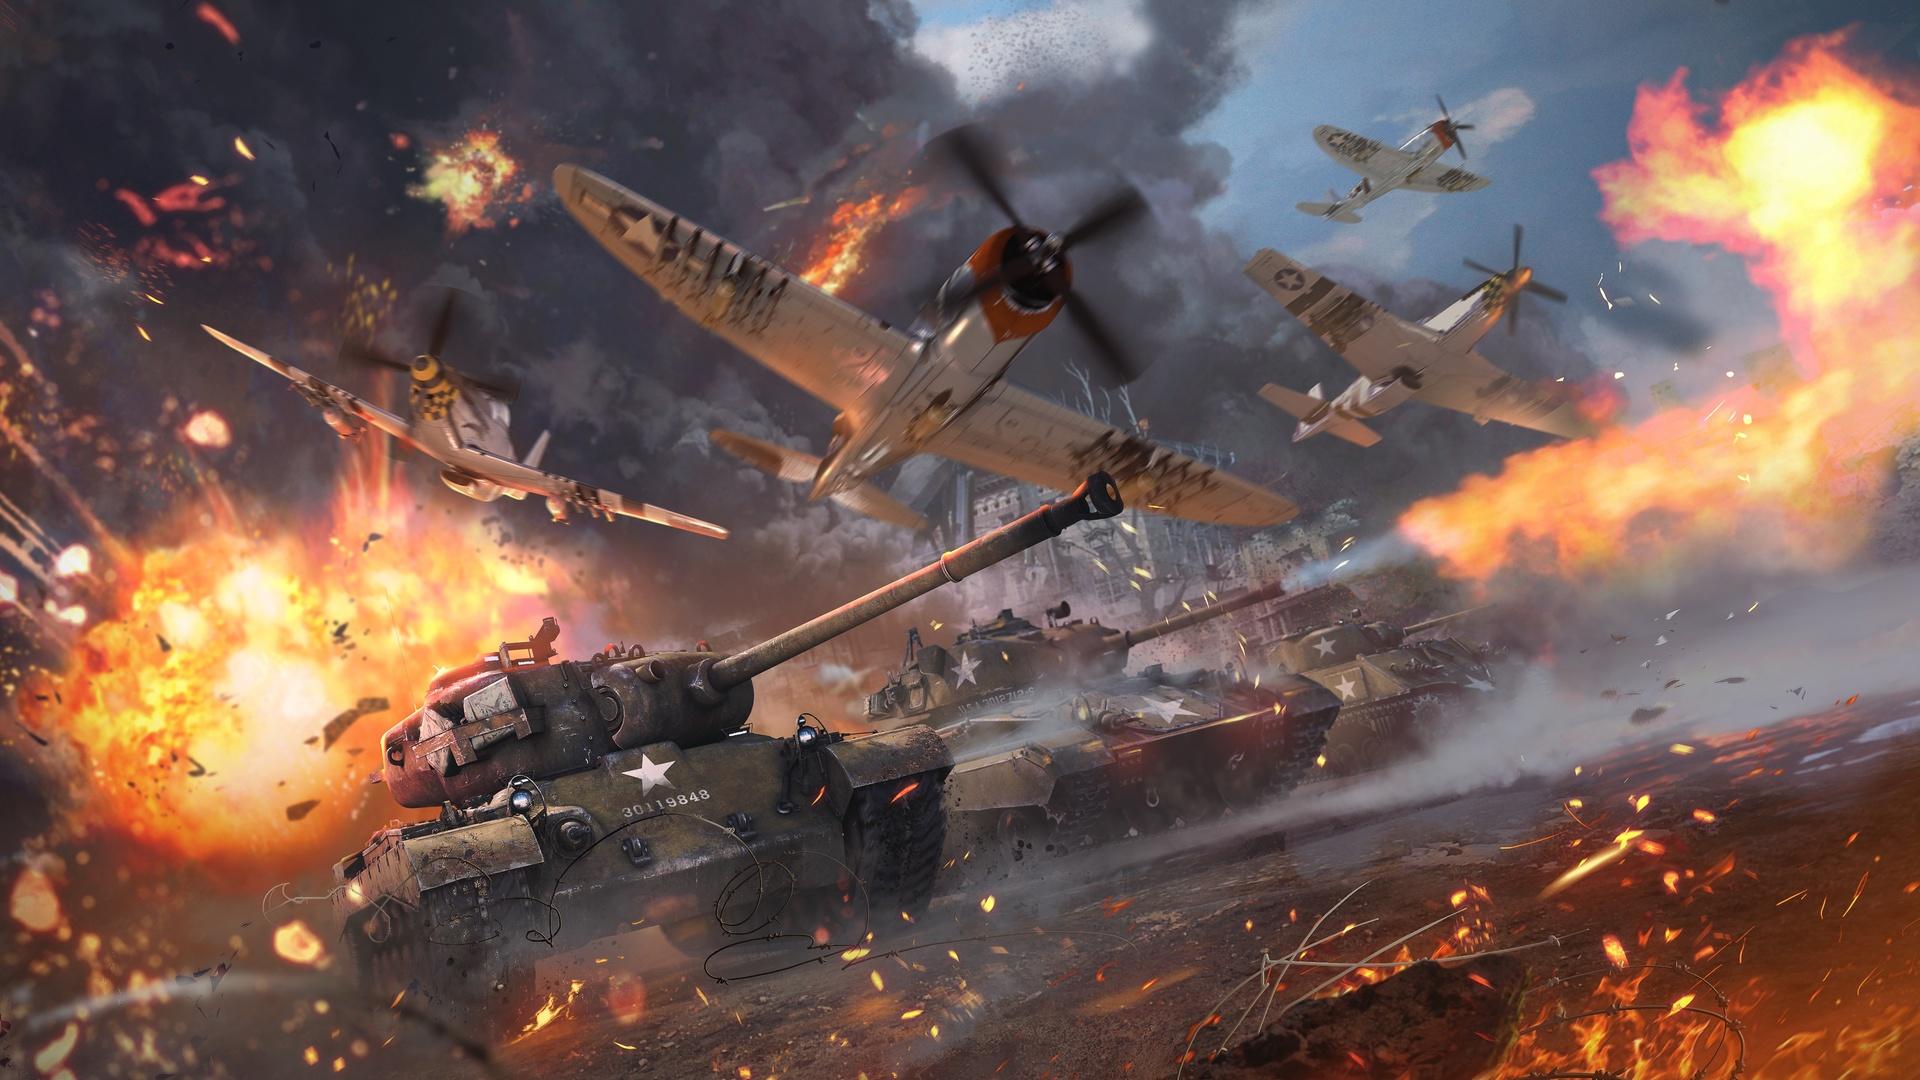 Jogo de Guerra War Thunder Video Game